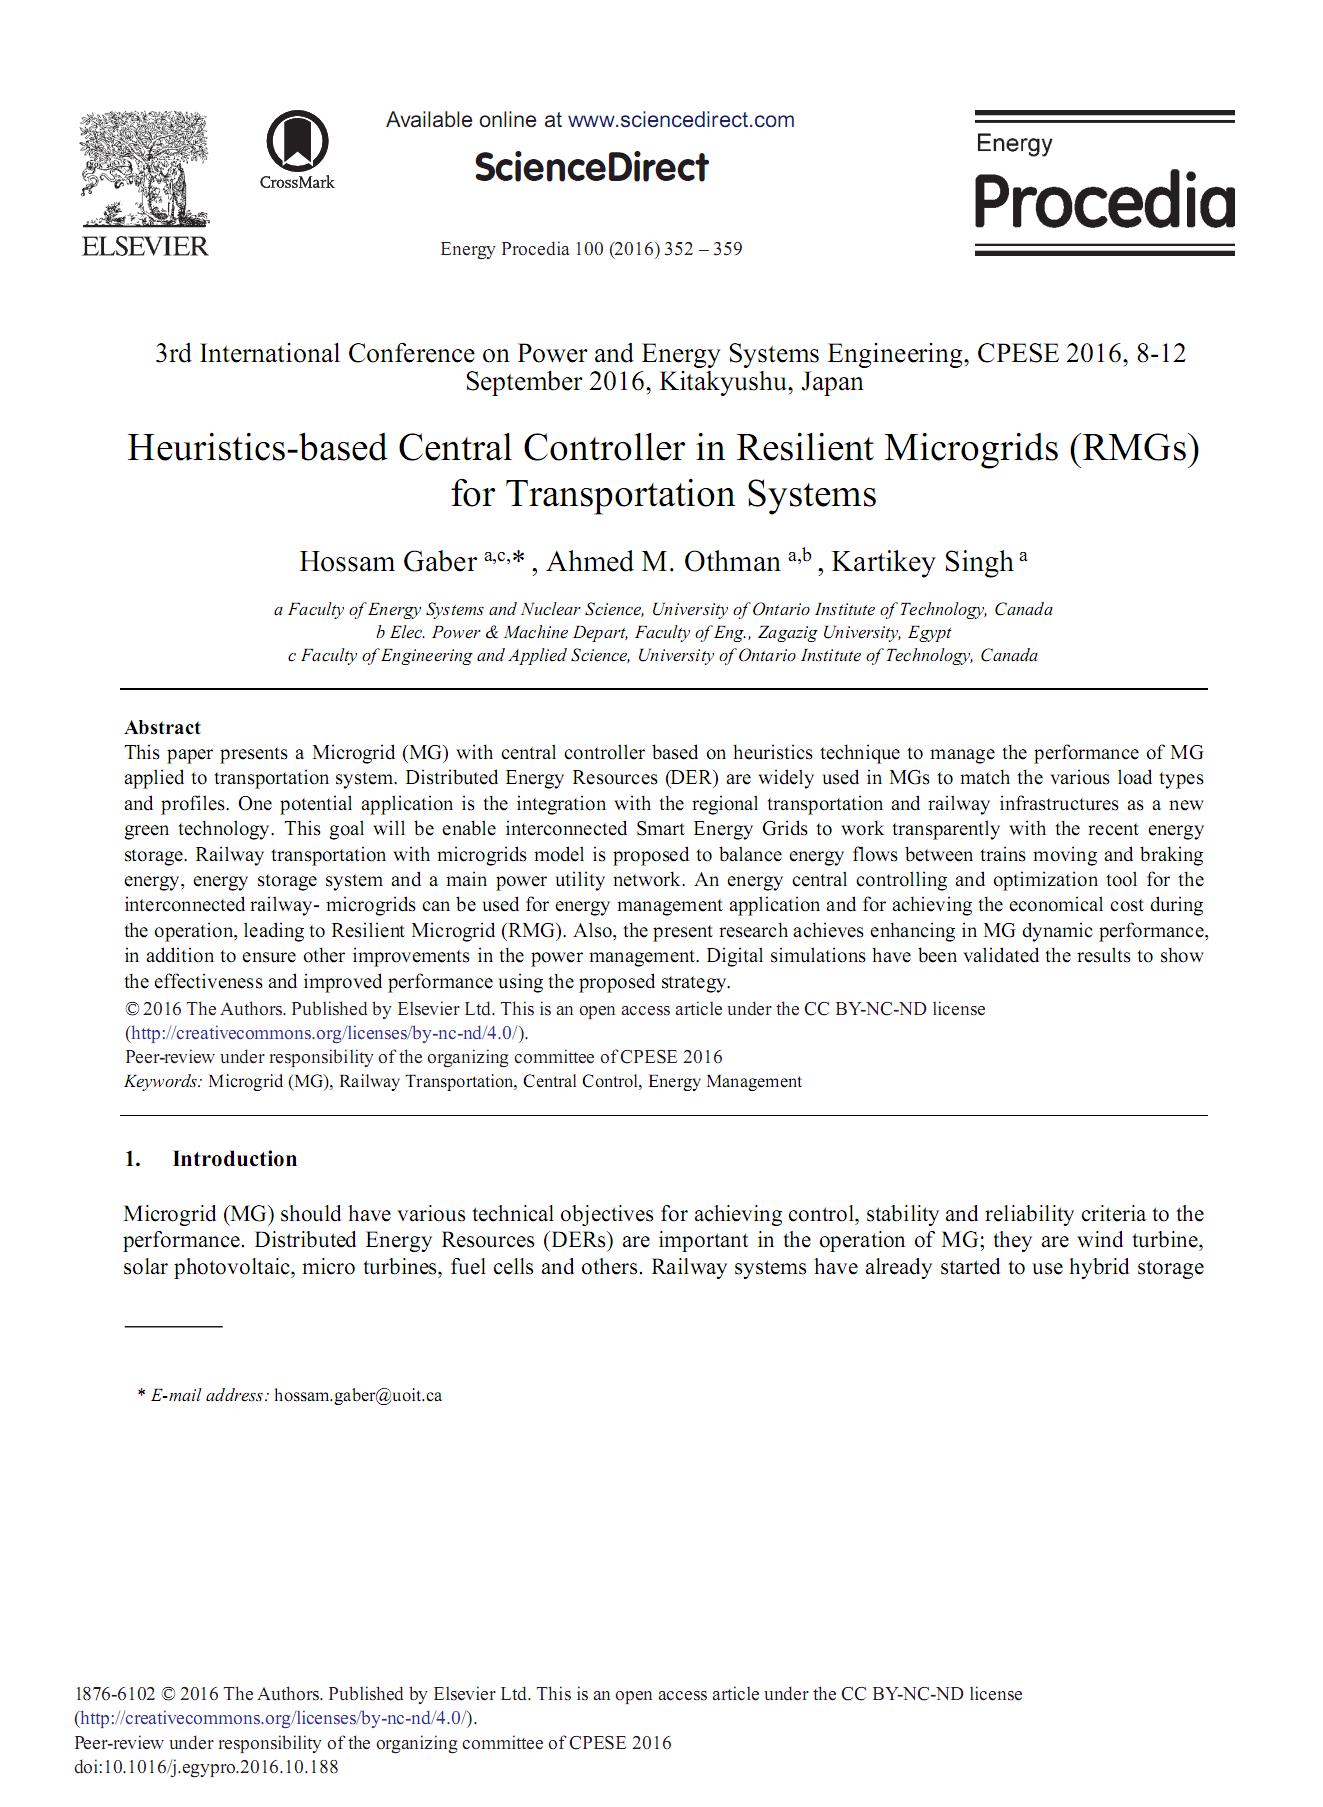 انتخاب جایگزین هایی برای سیستم حمل و نقل پایدار در شهر Kasongan